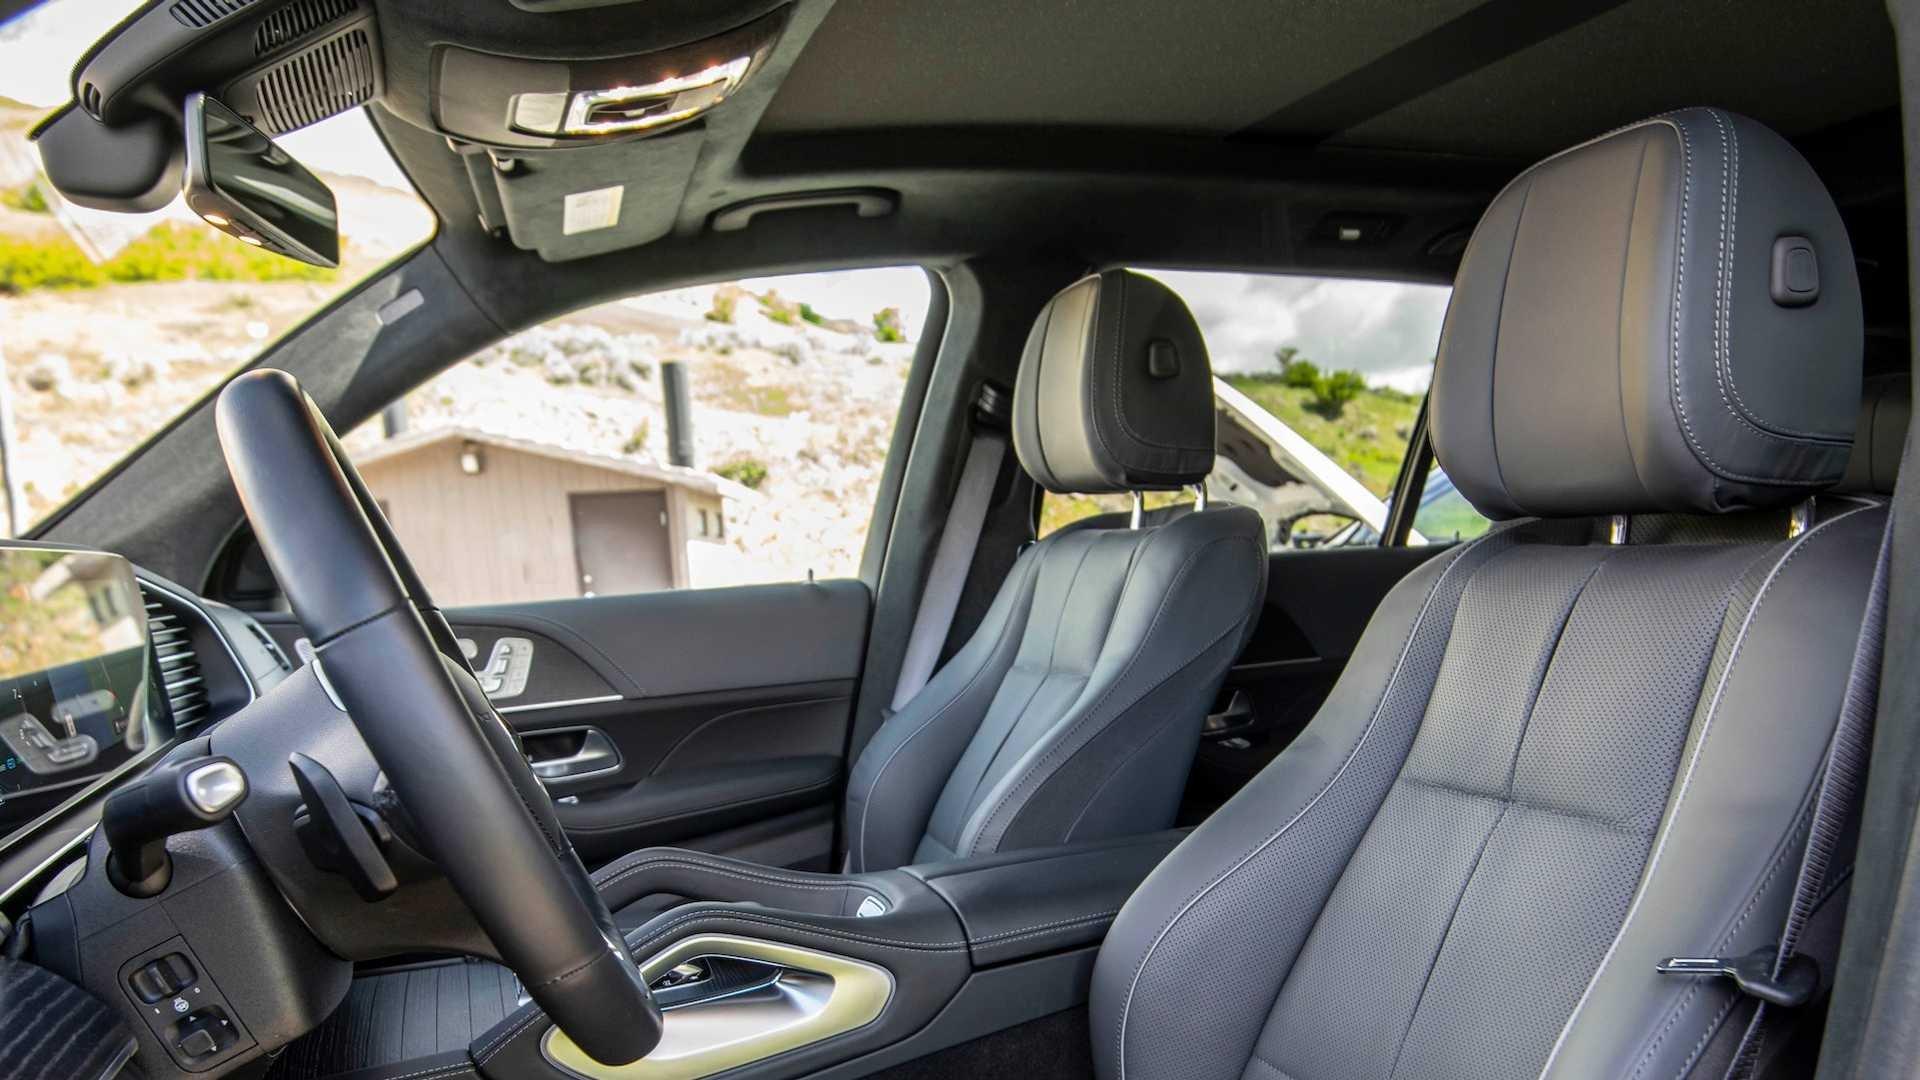 Ghế ngồi của Mercedes-Benz GLS-Class 2020 thế hệ mới.